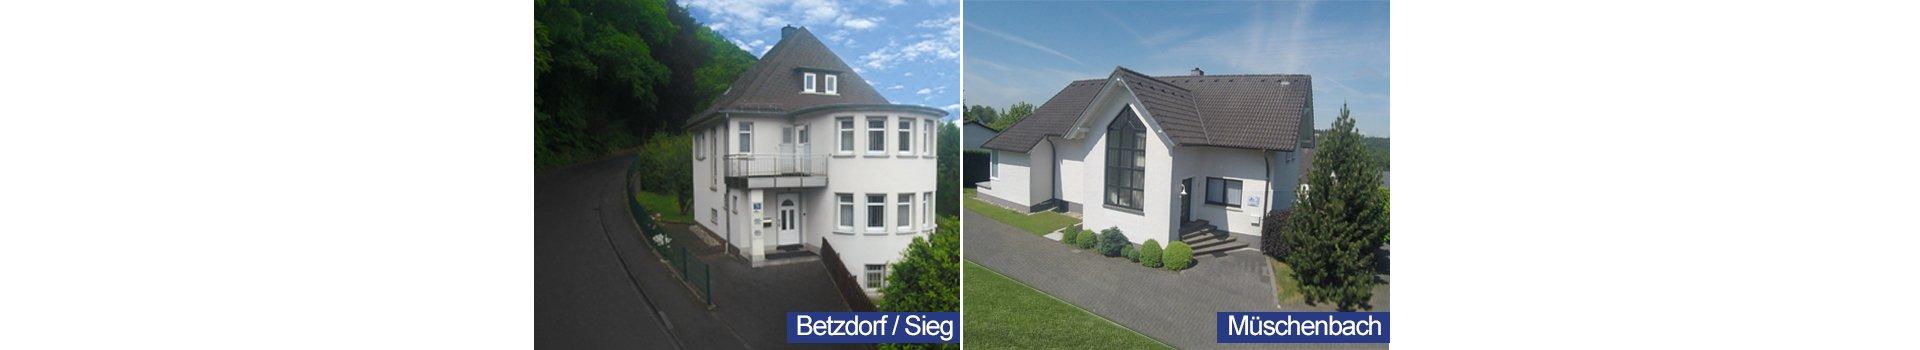 Hammerpartner Bürogebäude Betzdorf/Sieg und Müschenbach